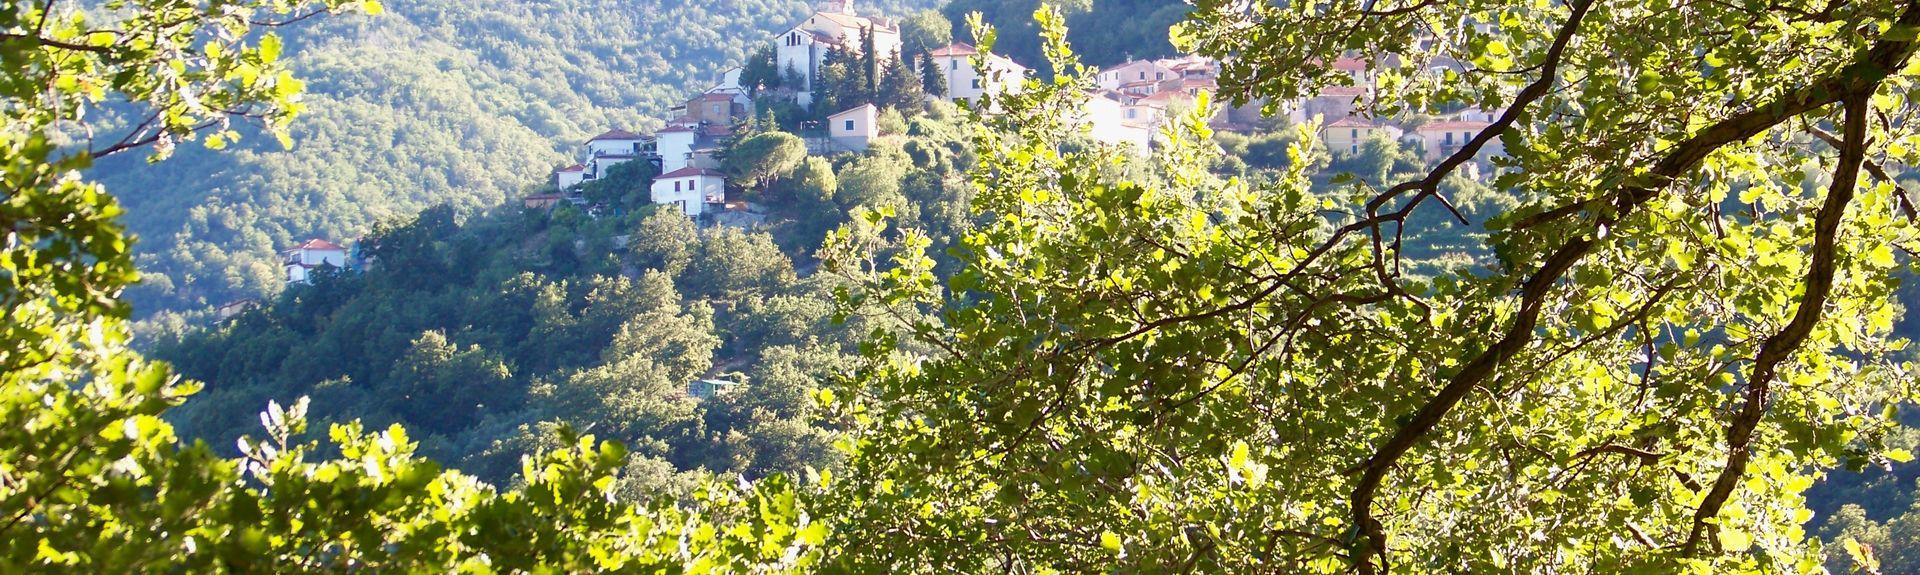 Ranzo, Liguria, Italia